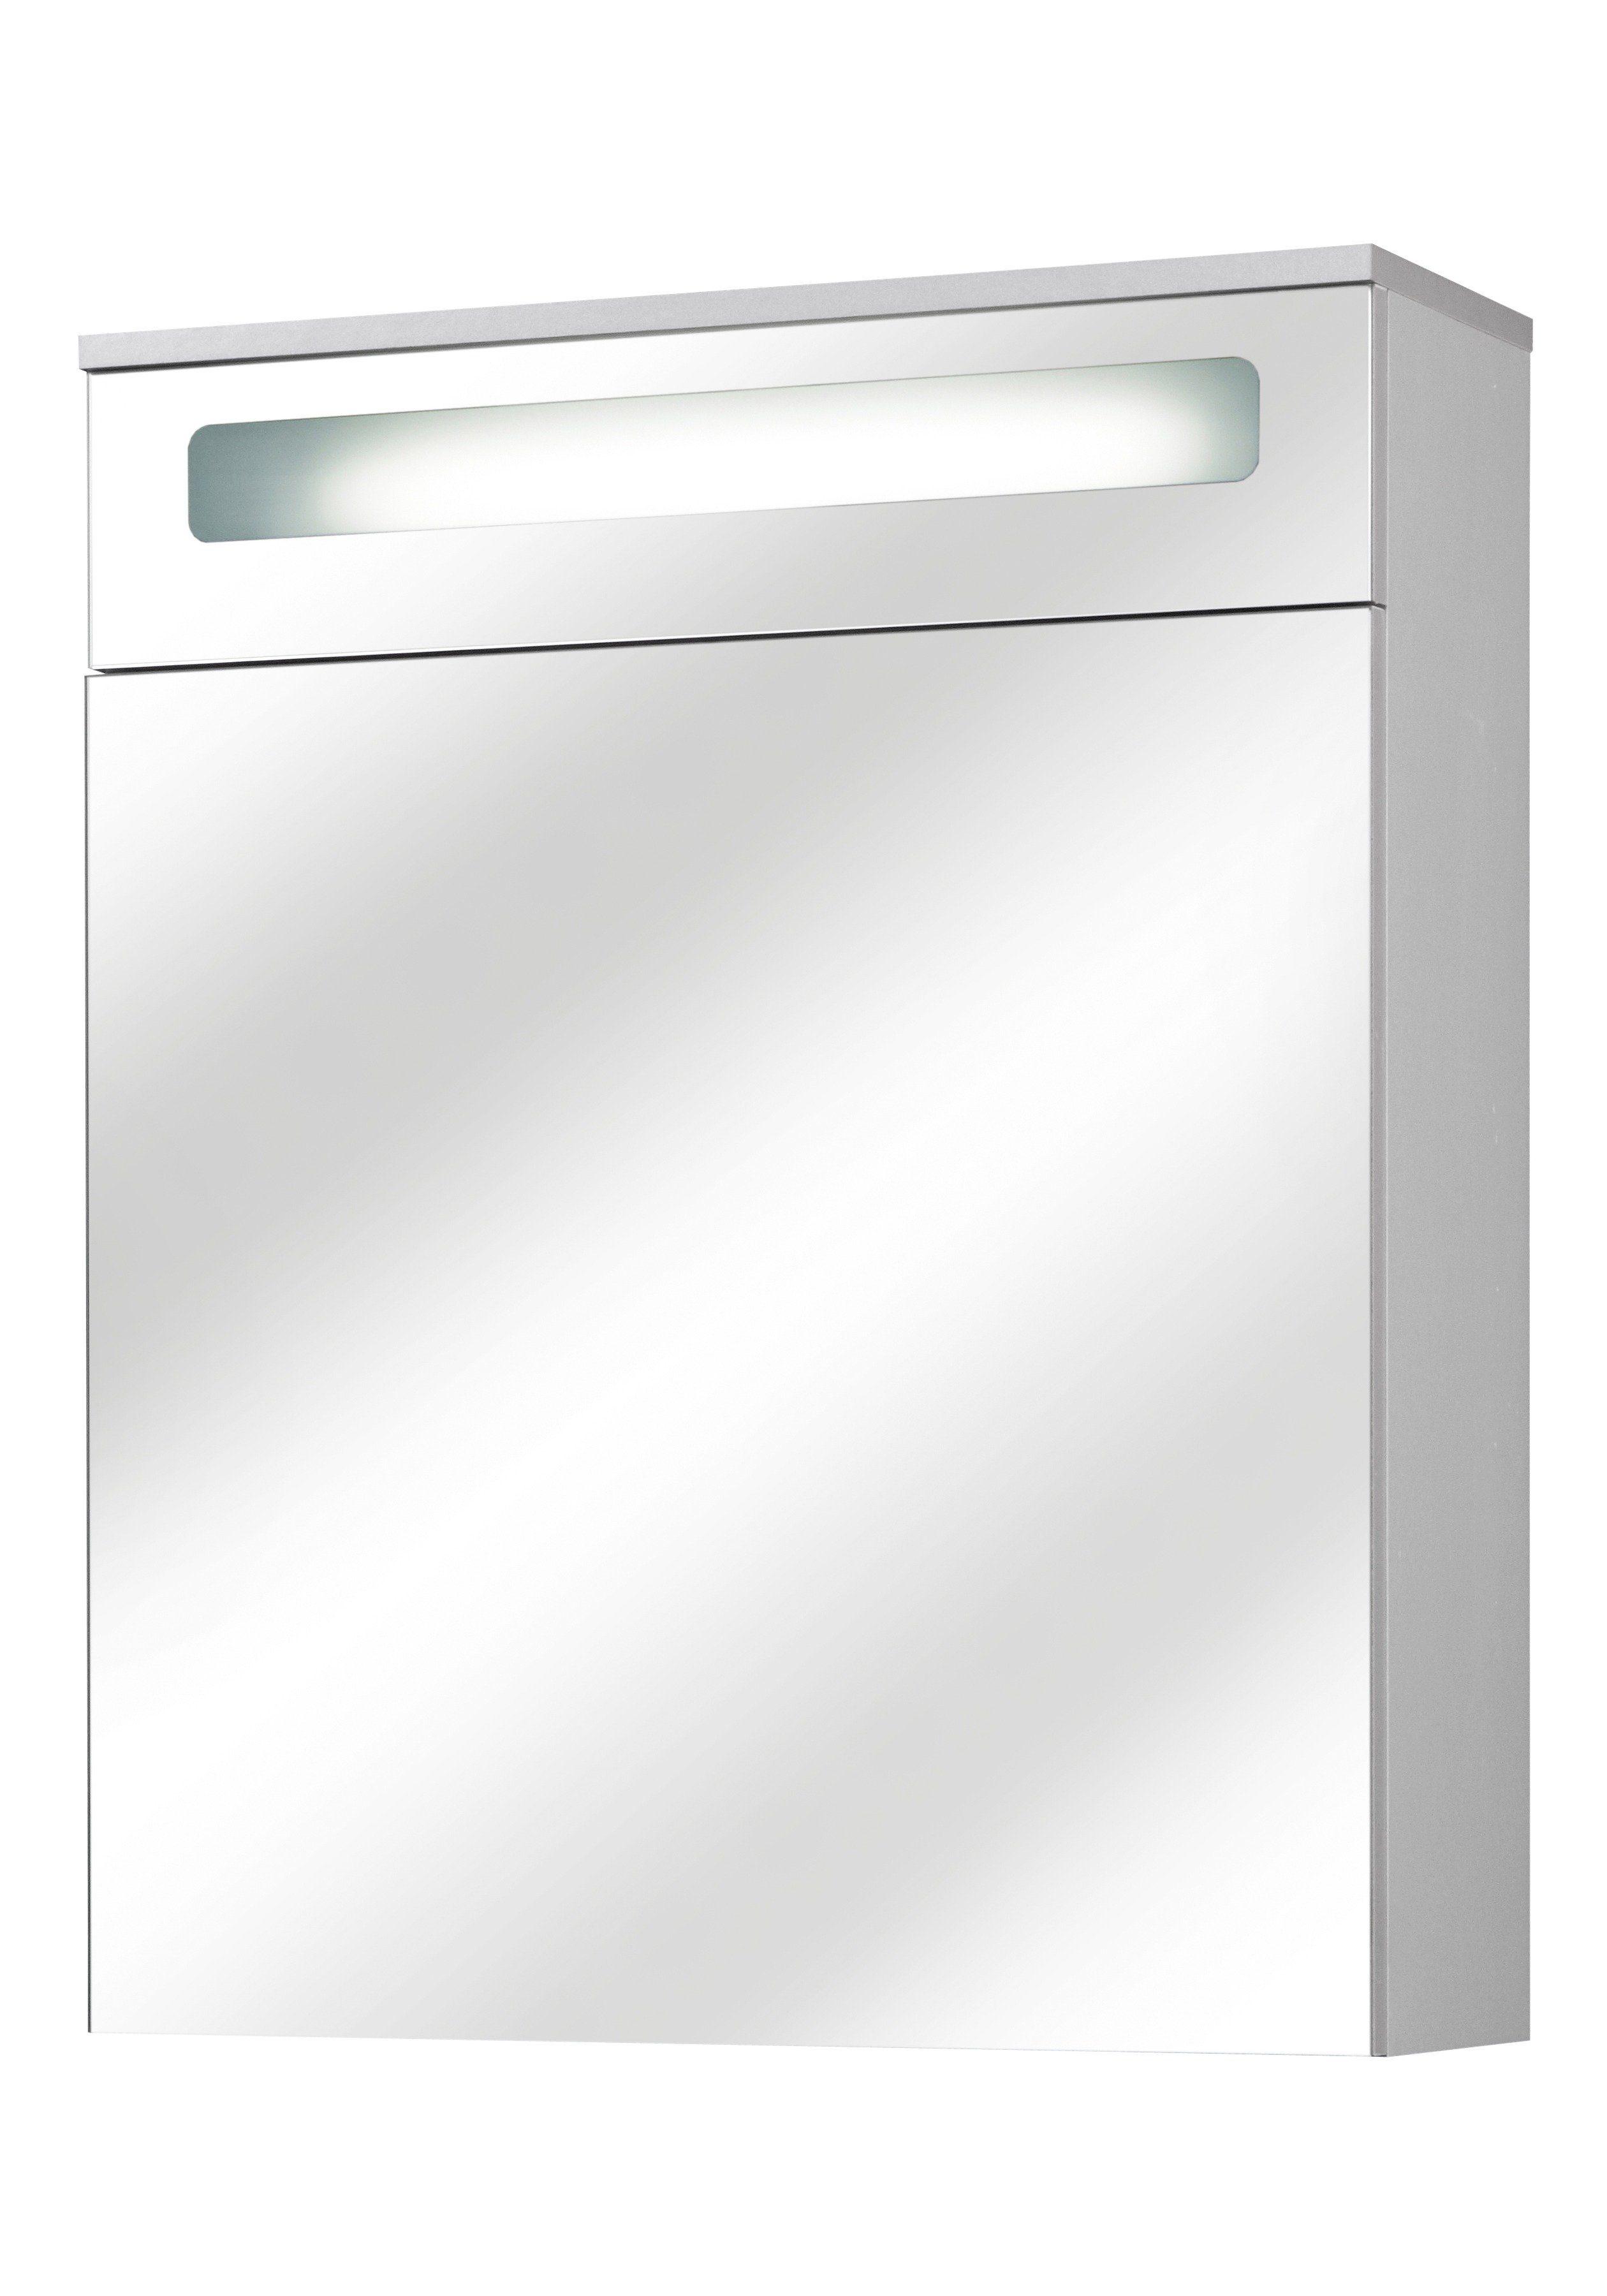 KESPER Spiegelschrank »Sienna 60«, Breite 60 cm